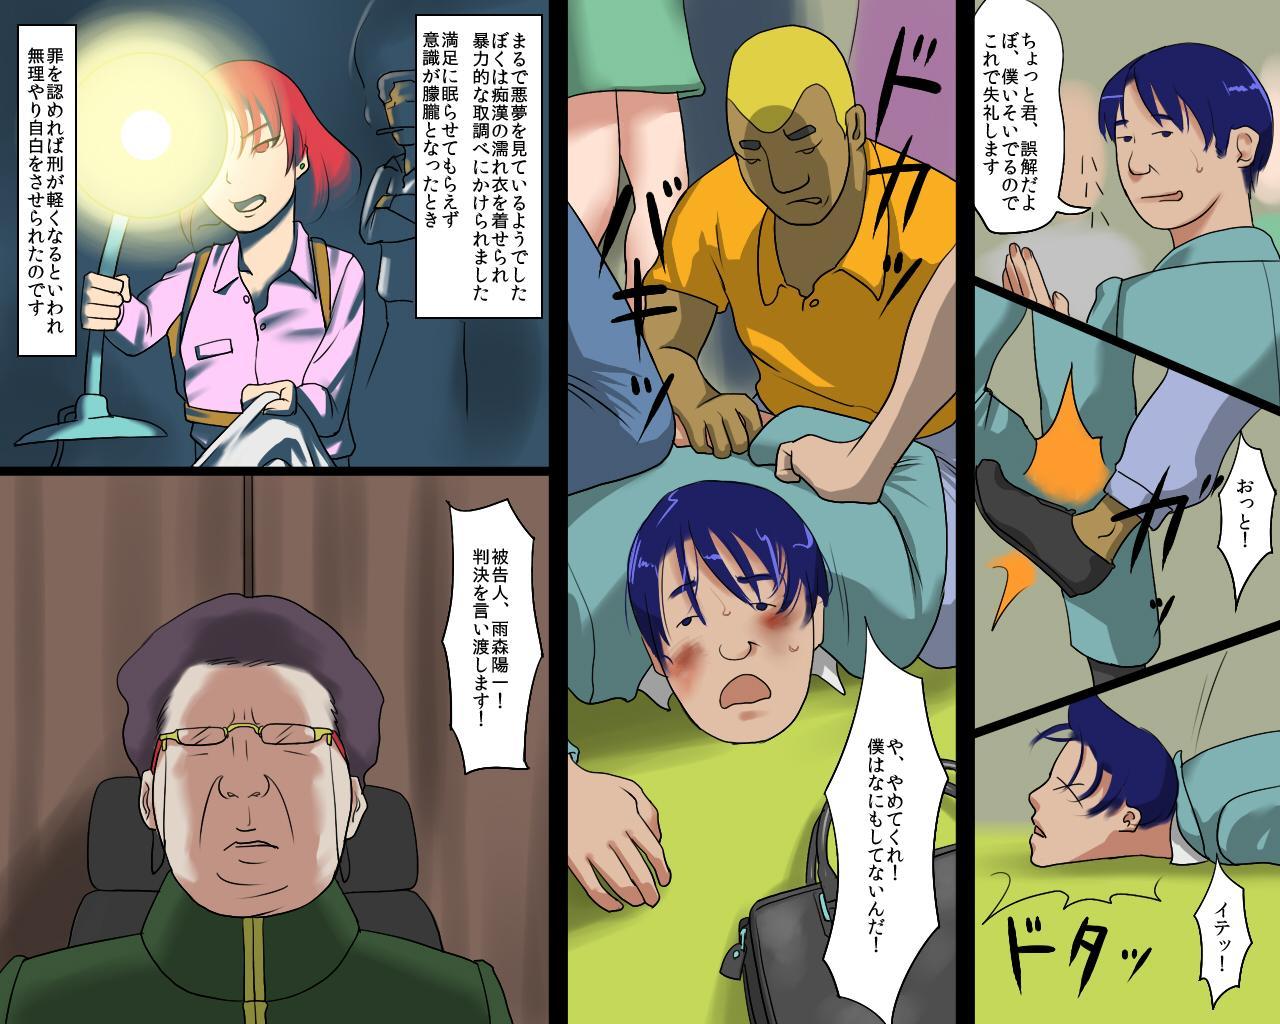 Nyotaika Hentai Anal Maso Youko Chijoku no Koukai Dorei Hokou 3